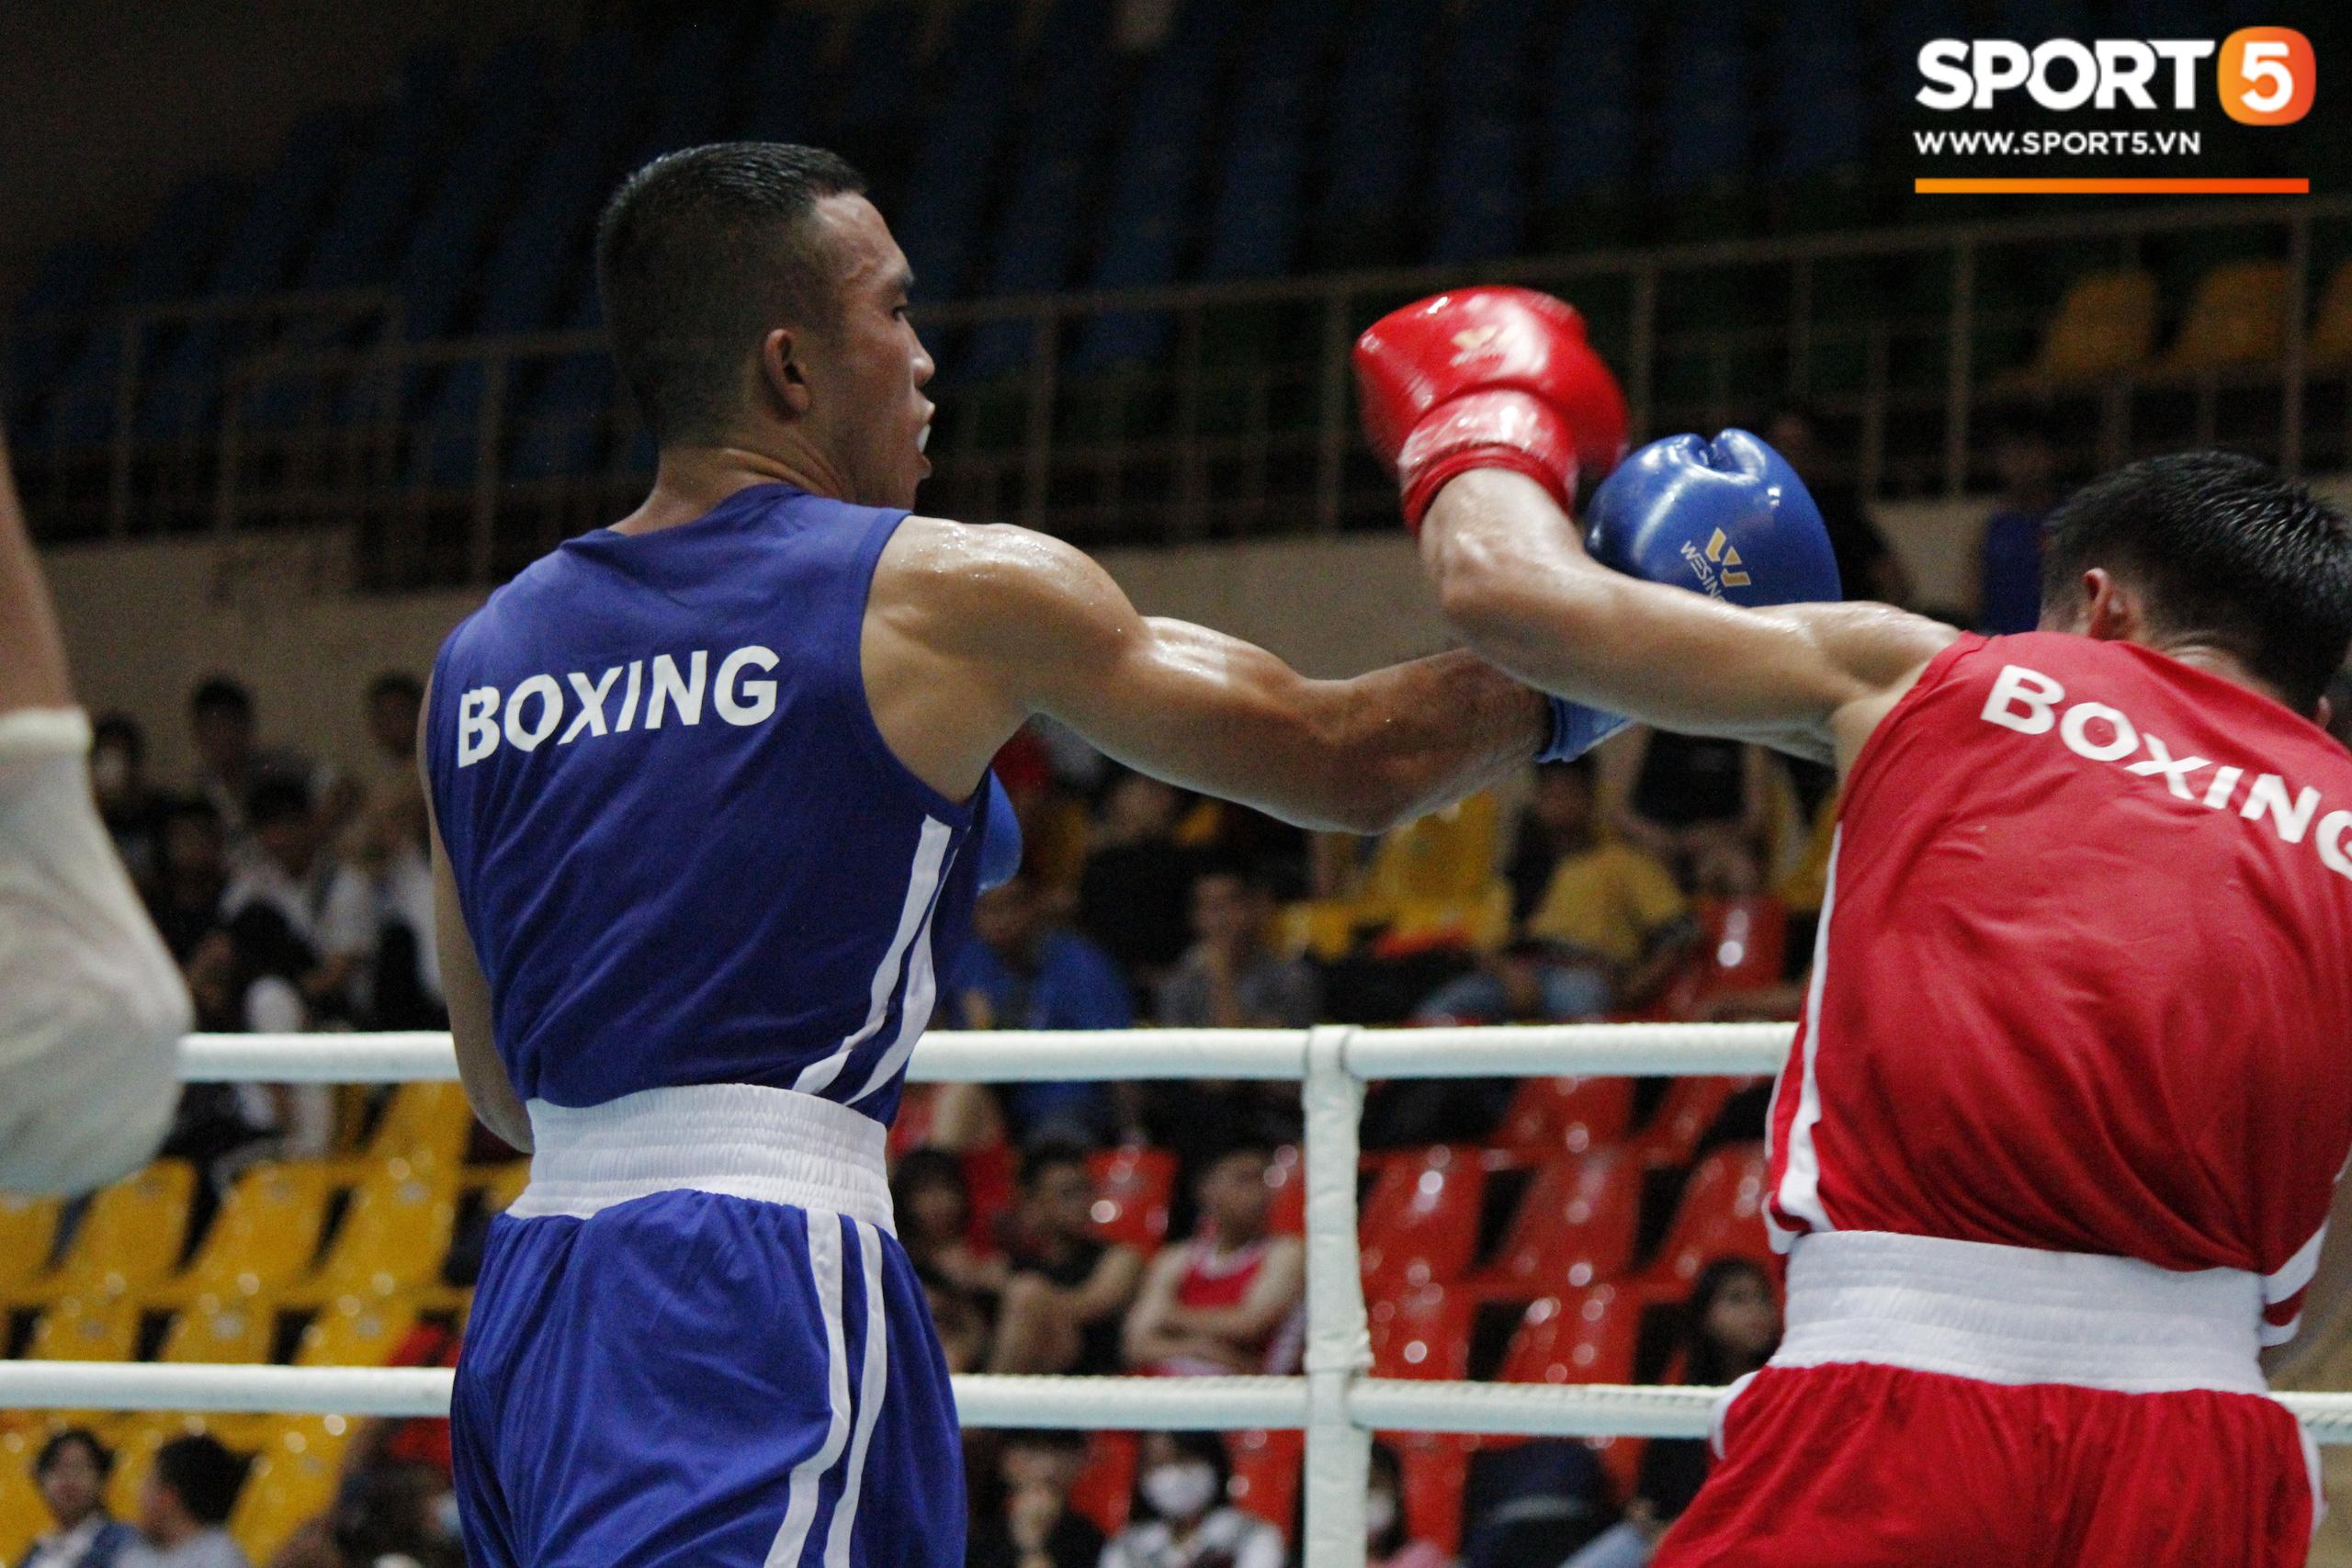 Liên đoàn Boxing TP.HCM HBF tiếp tục mở lớp tập huấn HLV Boxing phong trào - Tin vui cho người muốn khởi nghiệp với Boxing - Ảnh 2.